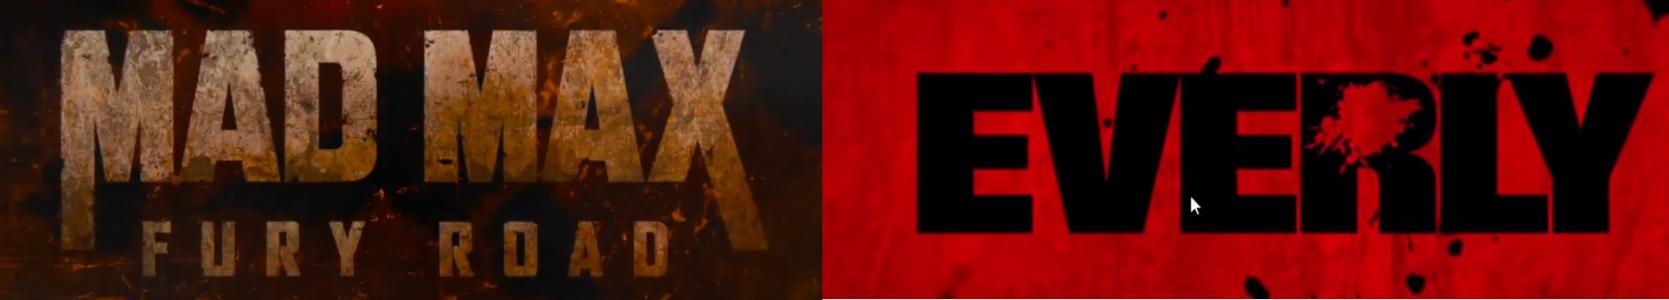 Trailertime! Mad Max japanischer Trailer und Everly